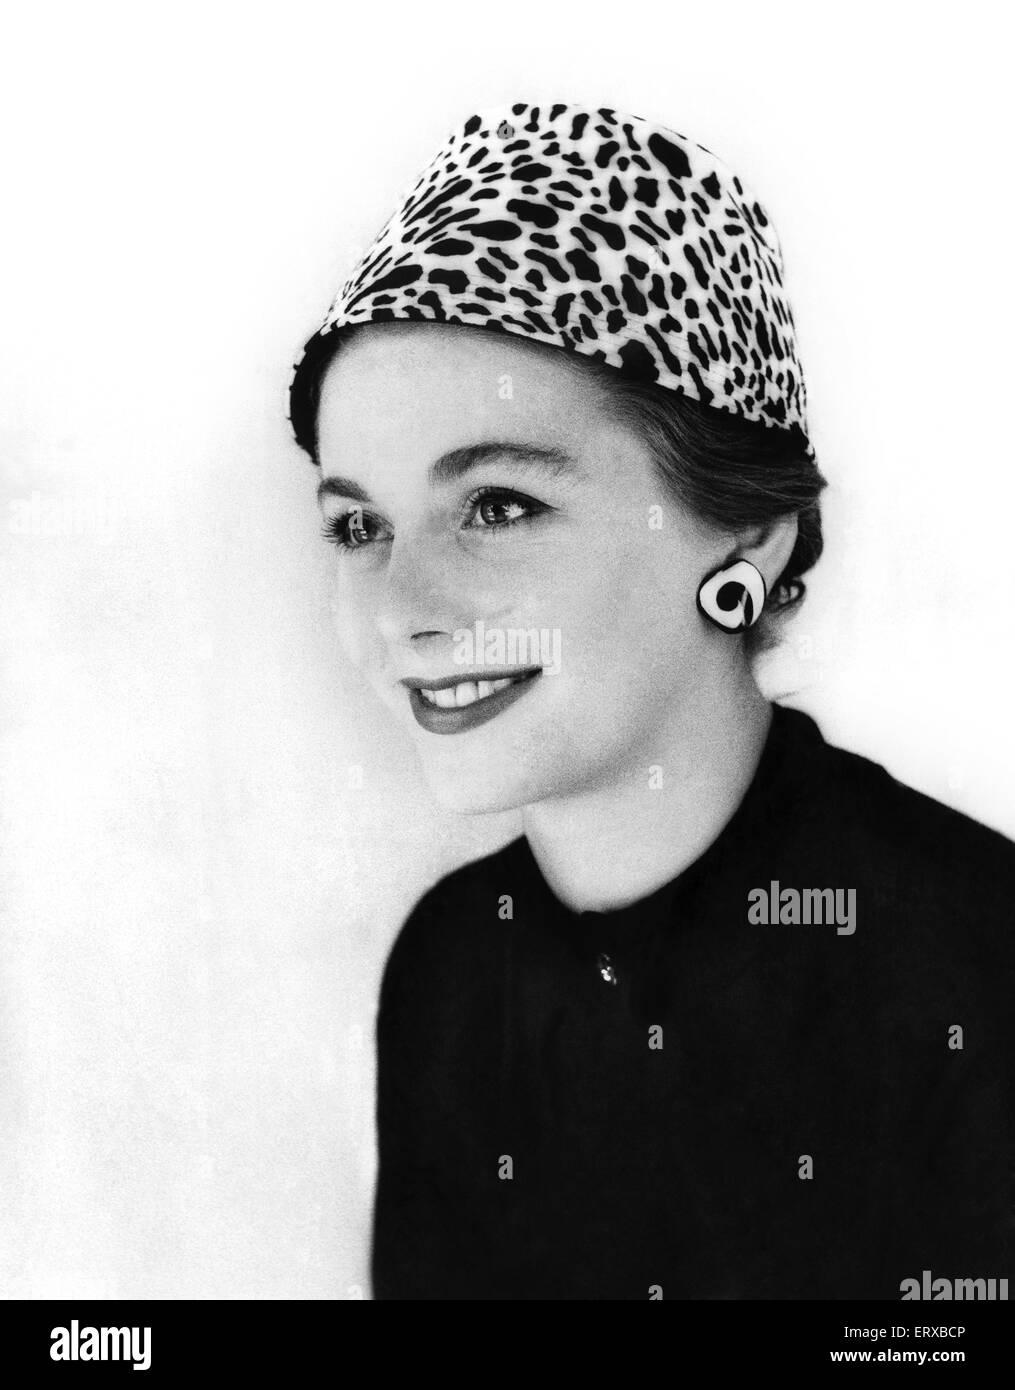 Modelado de una mujer un animal print hat. 13 de septiembre de 1955 Imagen De Stock